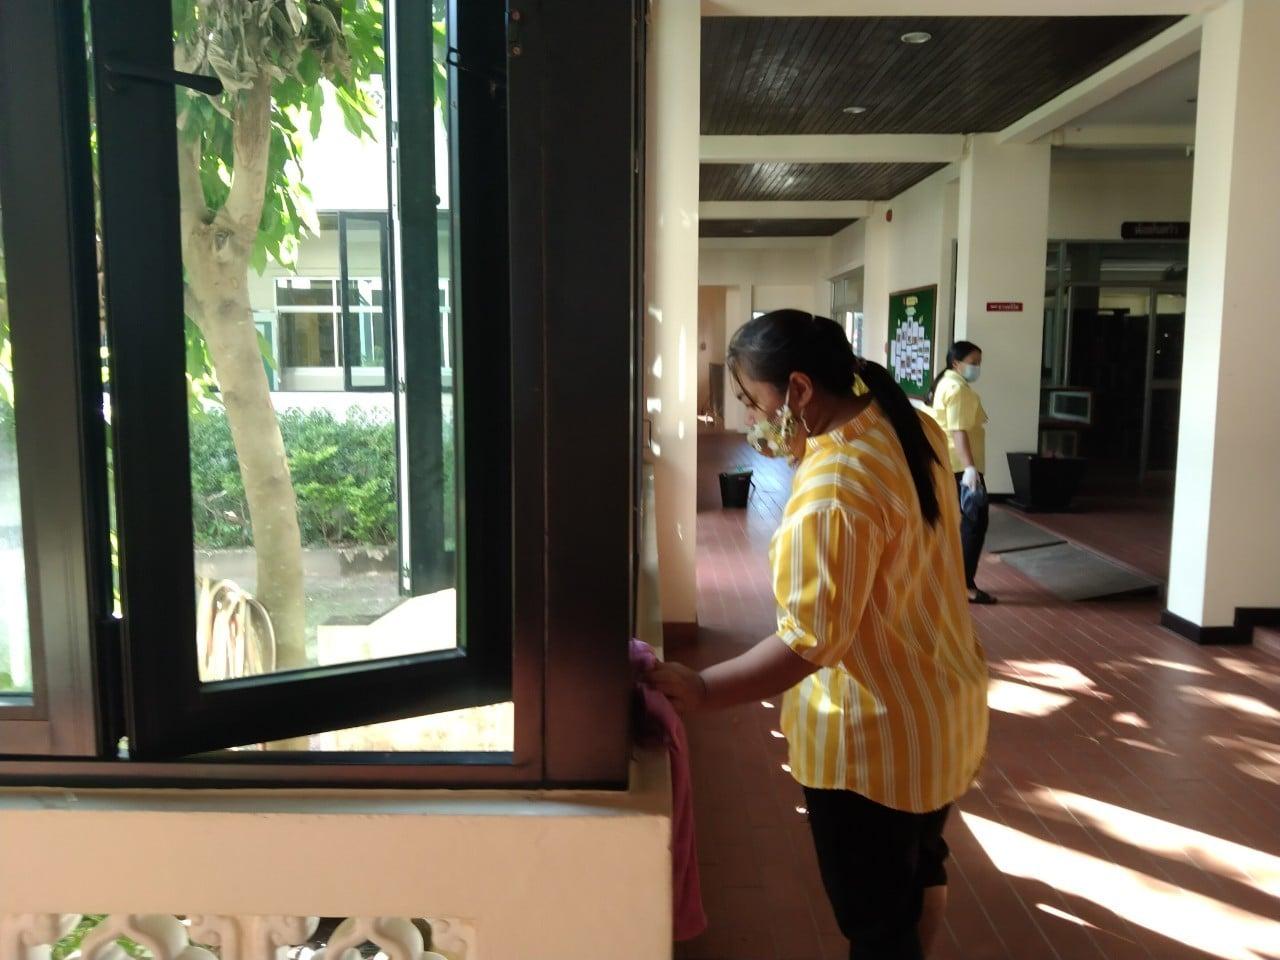 กิจกรรมจิตอาสาพัฒนาหอสมุดแห่งชาติฯ จันทบุรี 3 ธันวาคม 2563 - หอสมุดแห่งชาติรัชมังคลาภิเษก จันทบุรี